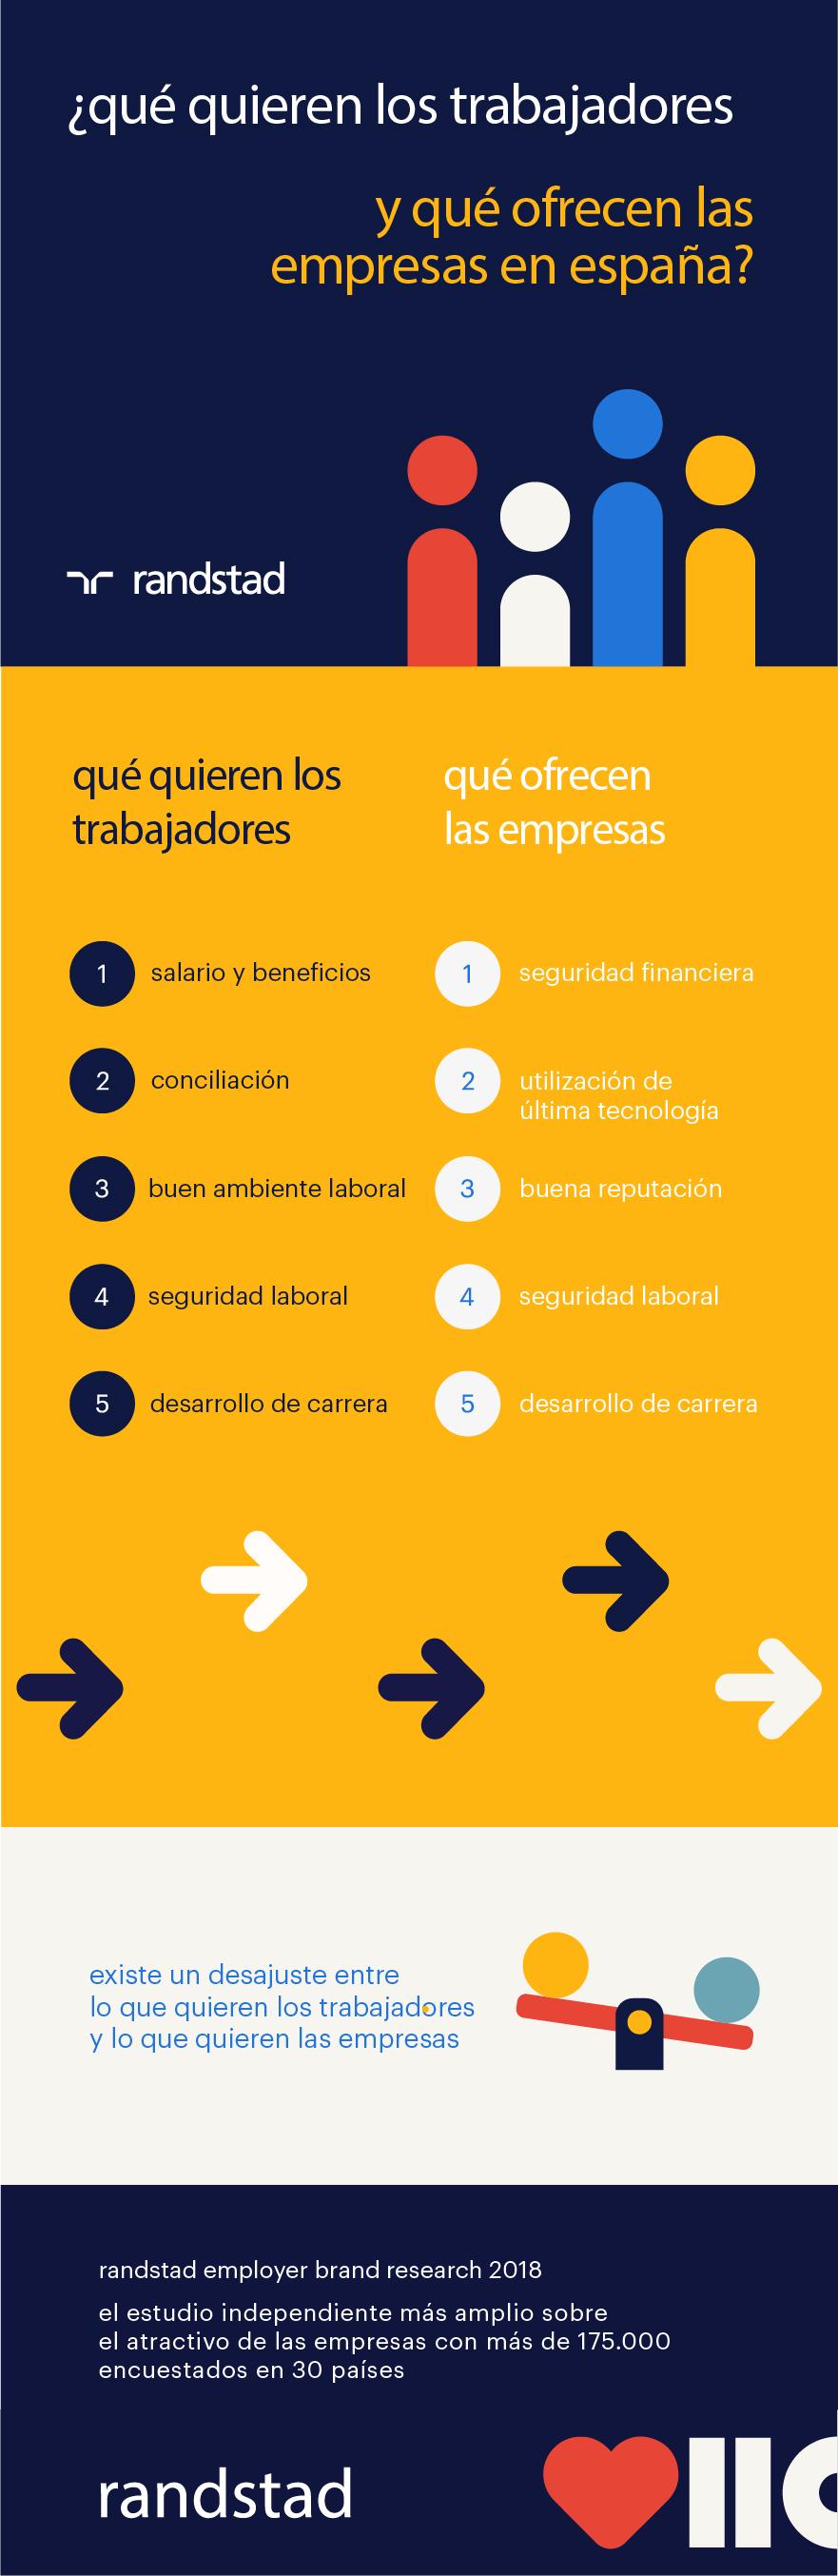 REBR 2018 | infografía | Qué quieren los trabajadores y qué ofrecen las empresas